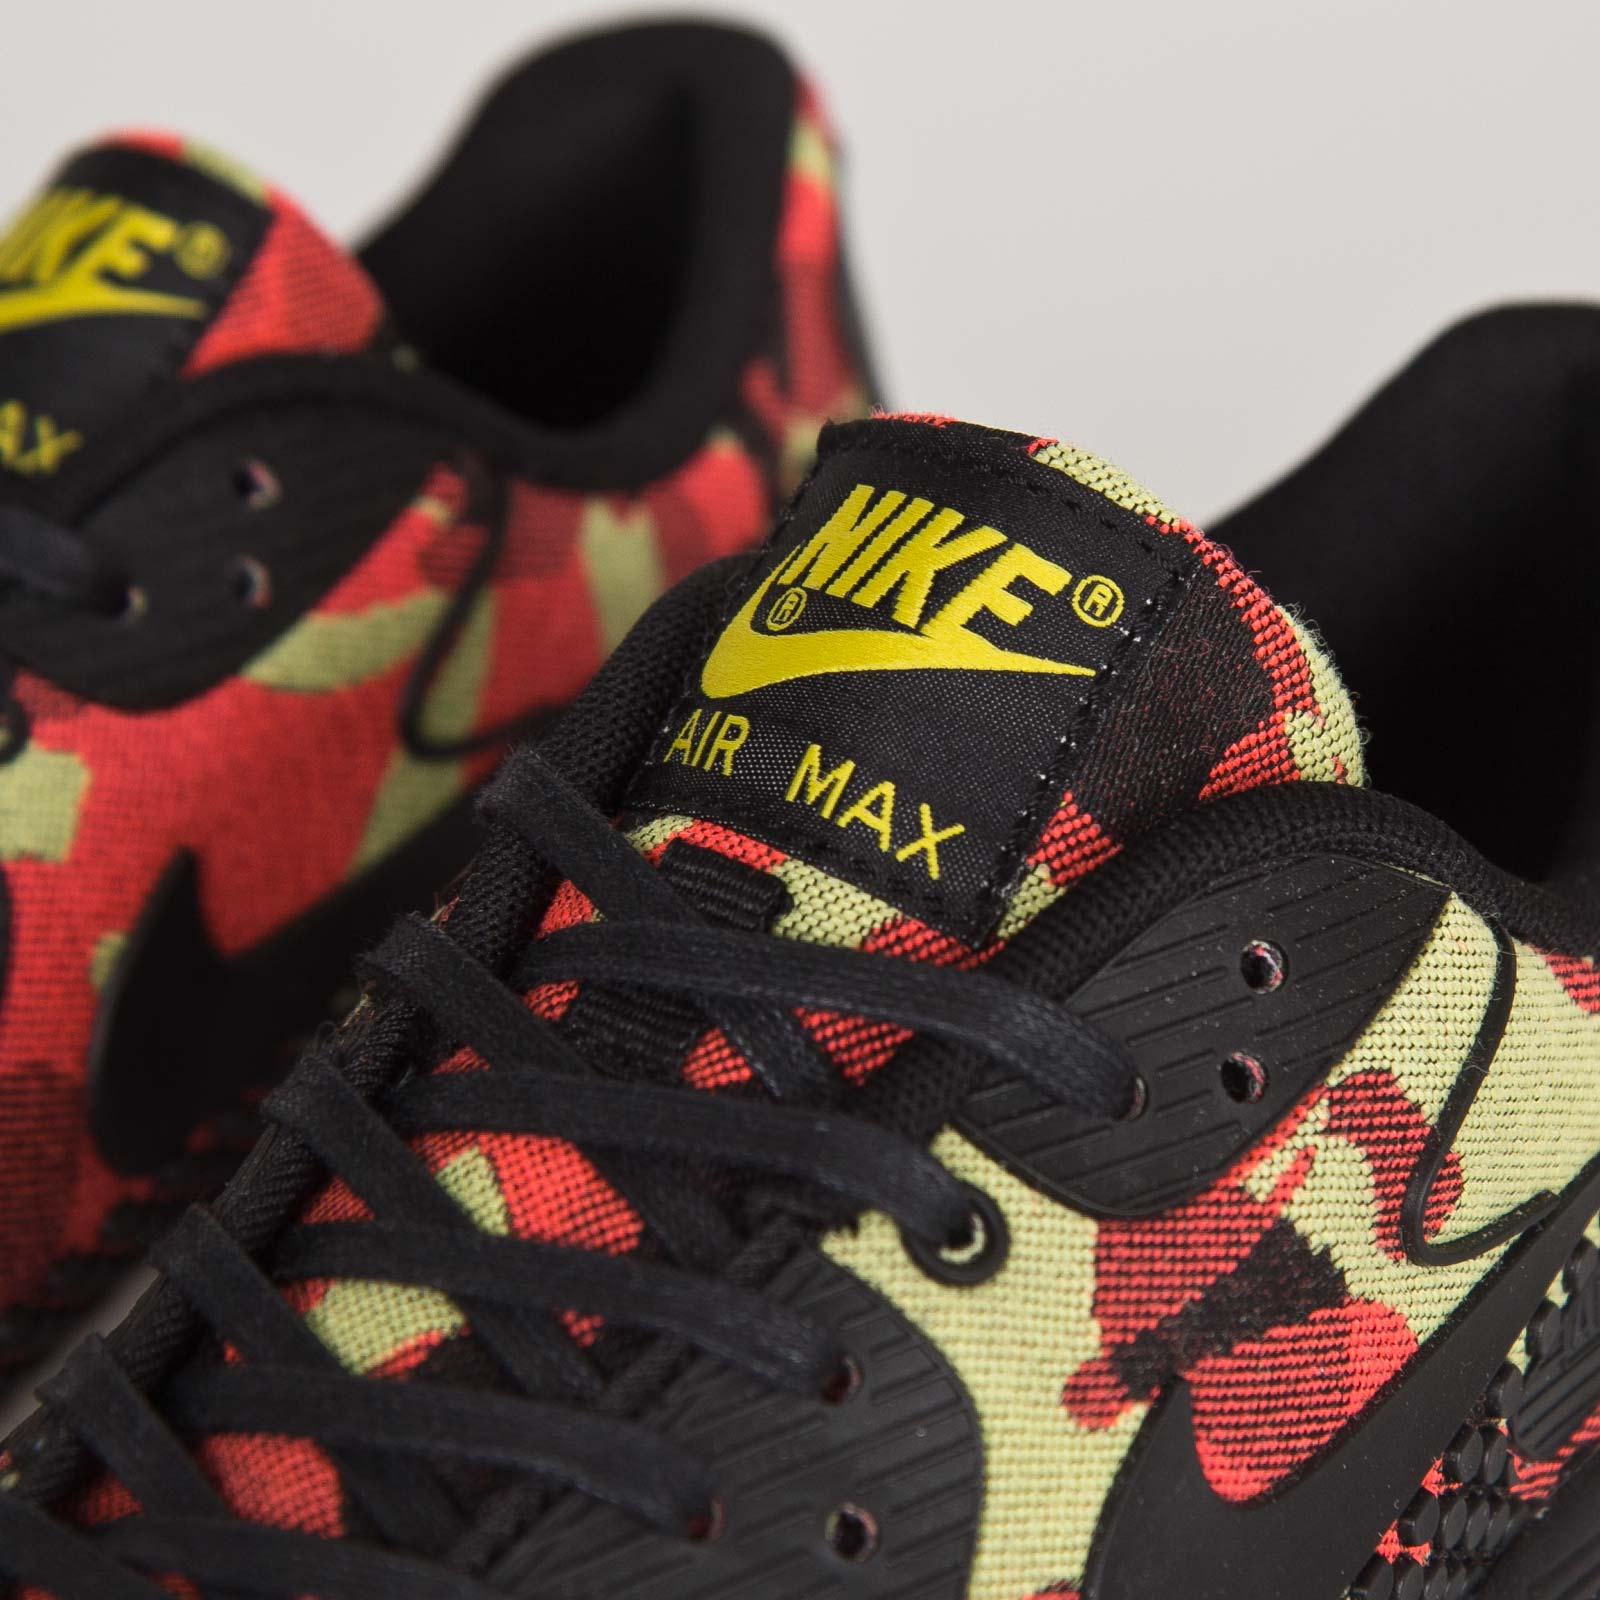 nike air max 90 w broccato premio 807298 700 sneakersnstuff